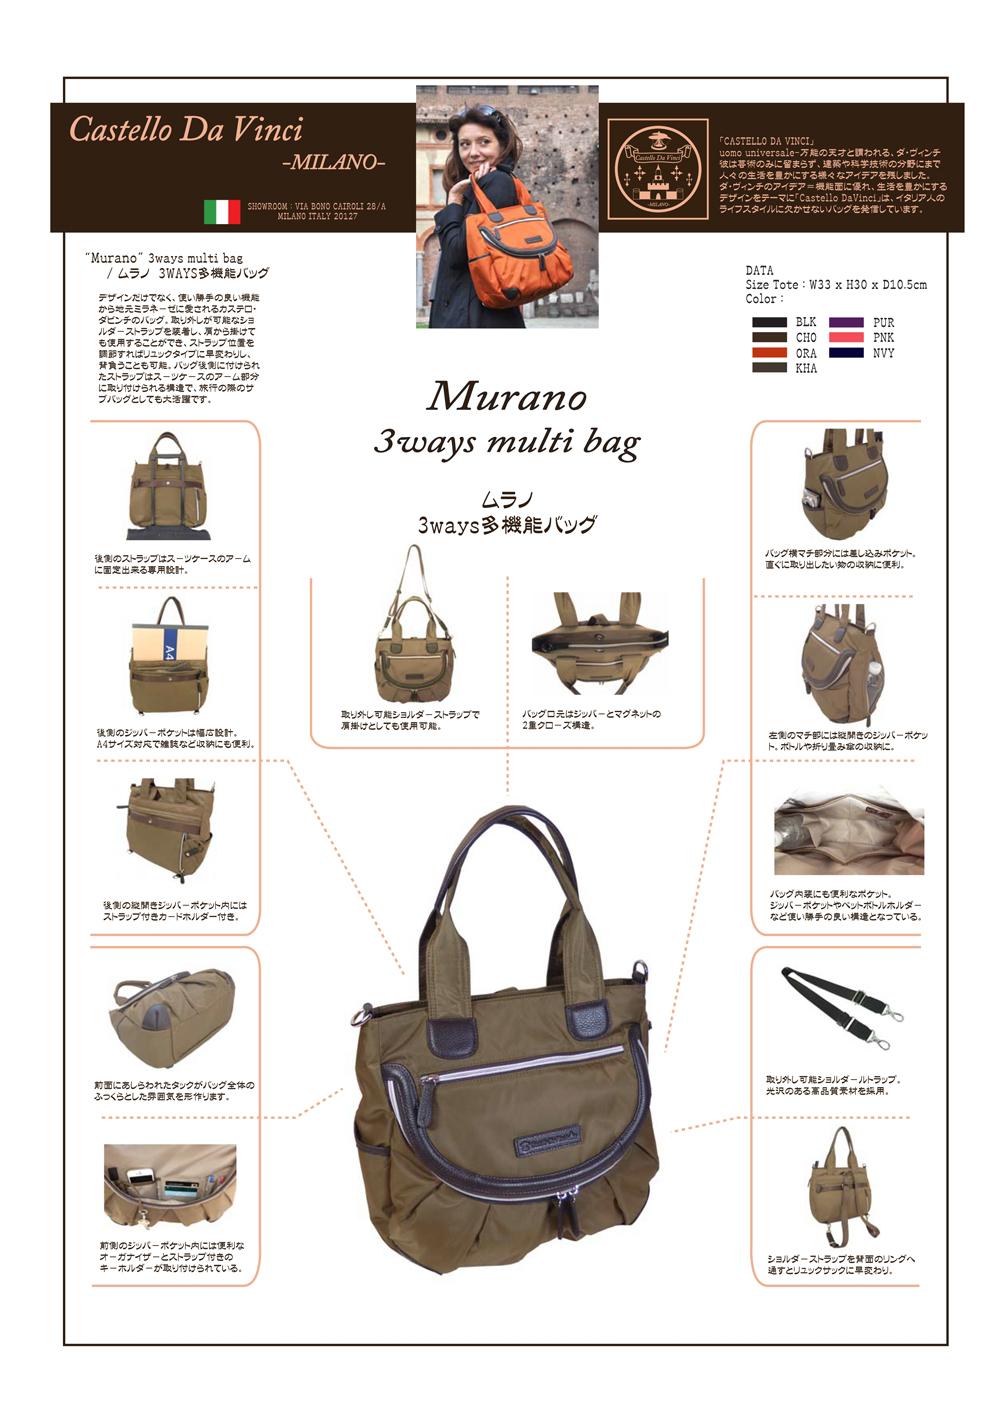 murano56131-sizeup.jpg